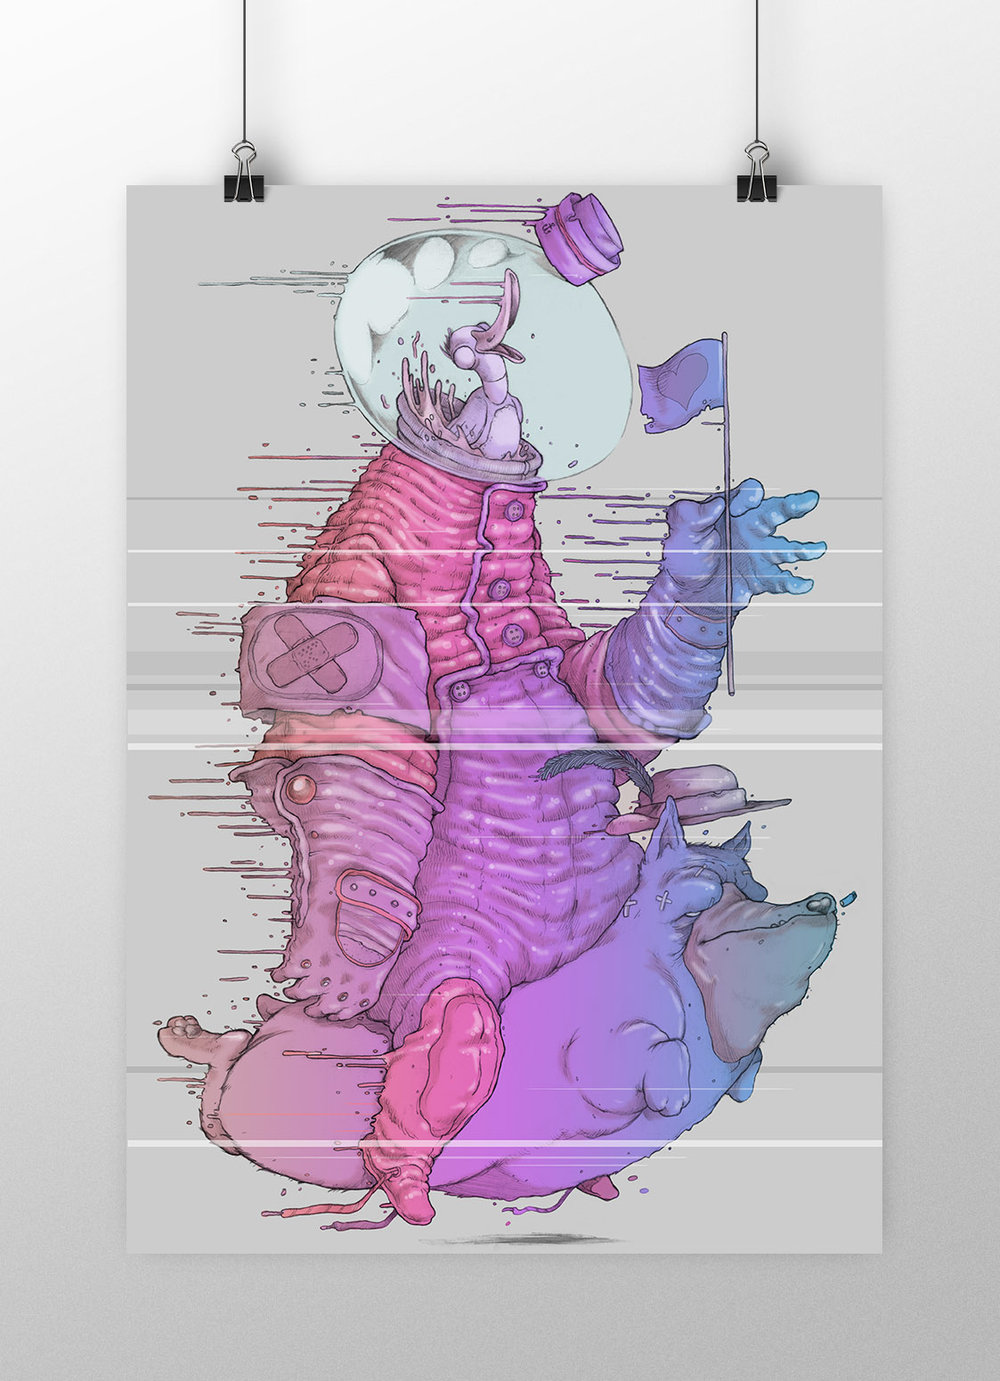 DEAD EYE DUCK |A3 PRINT    MATT FINISH ON 330G PAPER    SIGNED BY ARTIST    LTD RUN 50